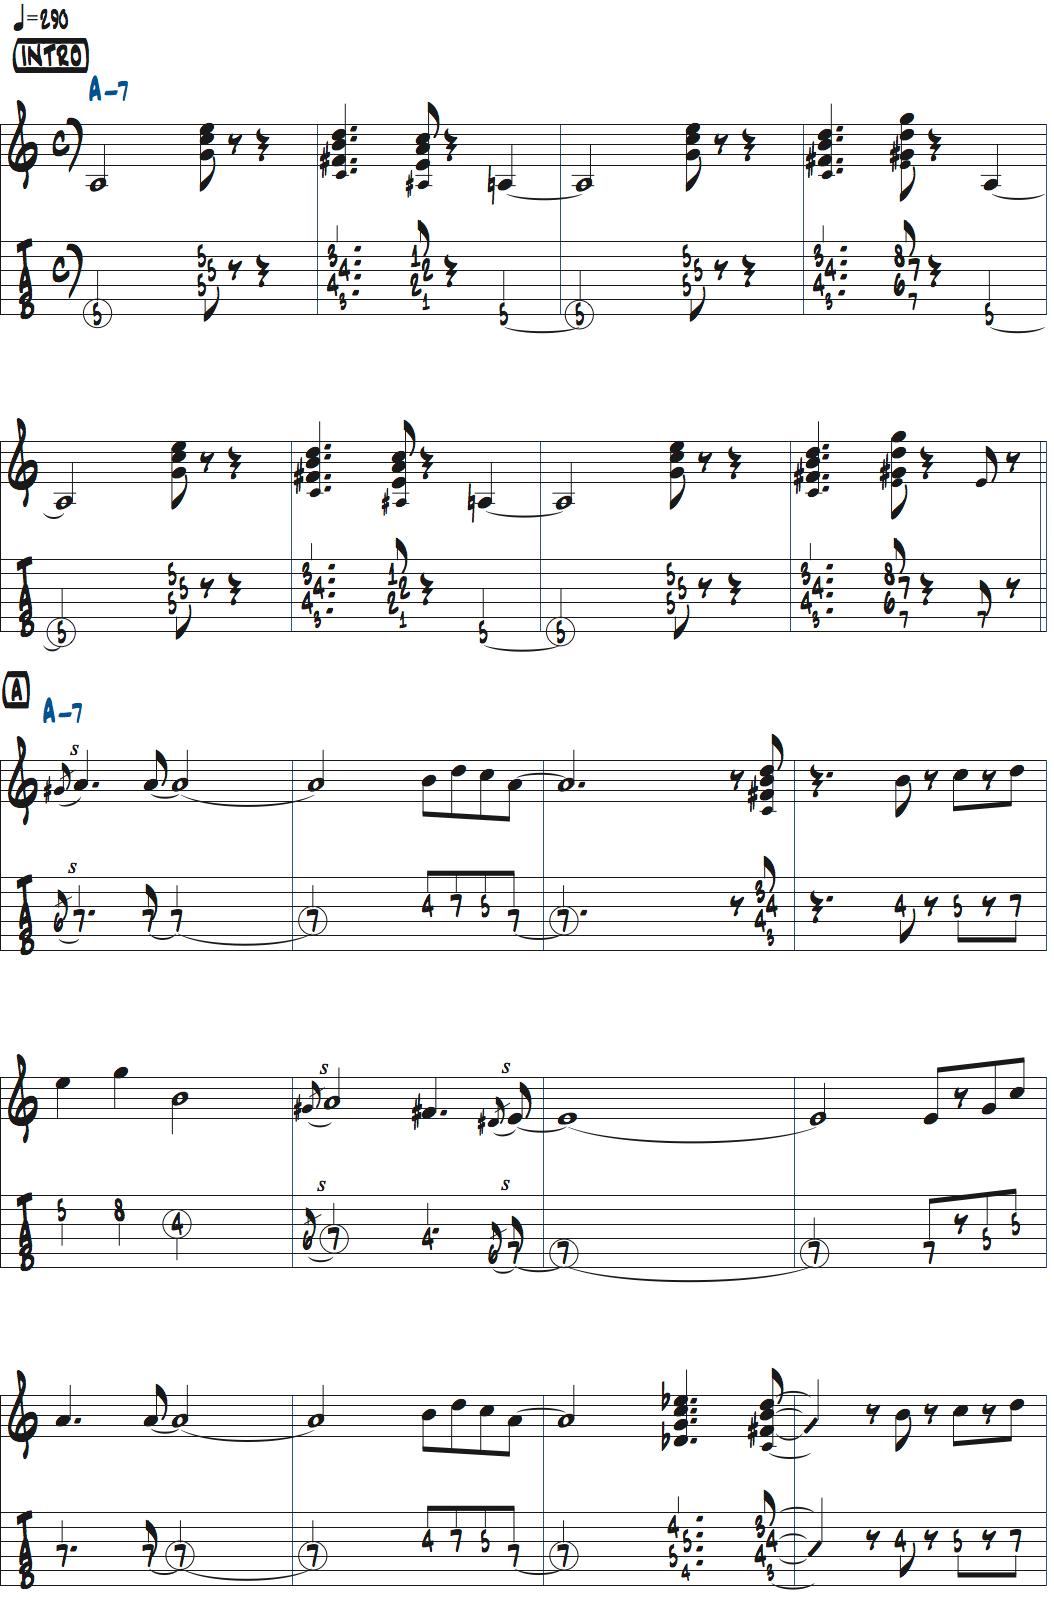 パット・マルティーノimpressionsの前テーマ・メロディ楽譜ページ1